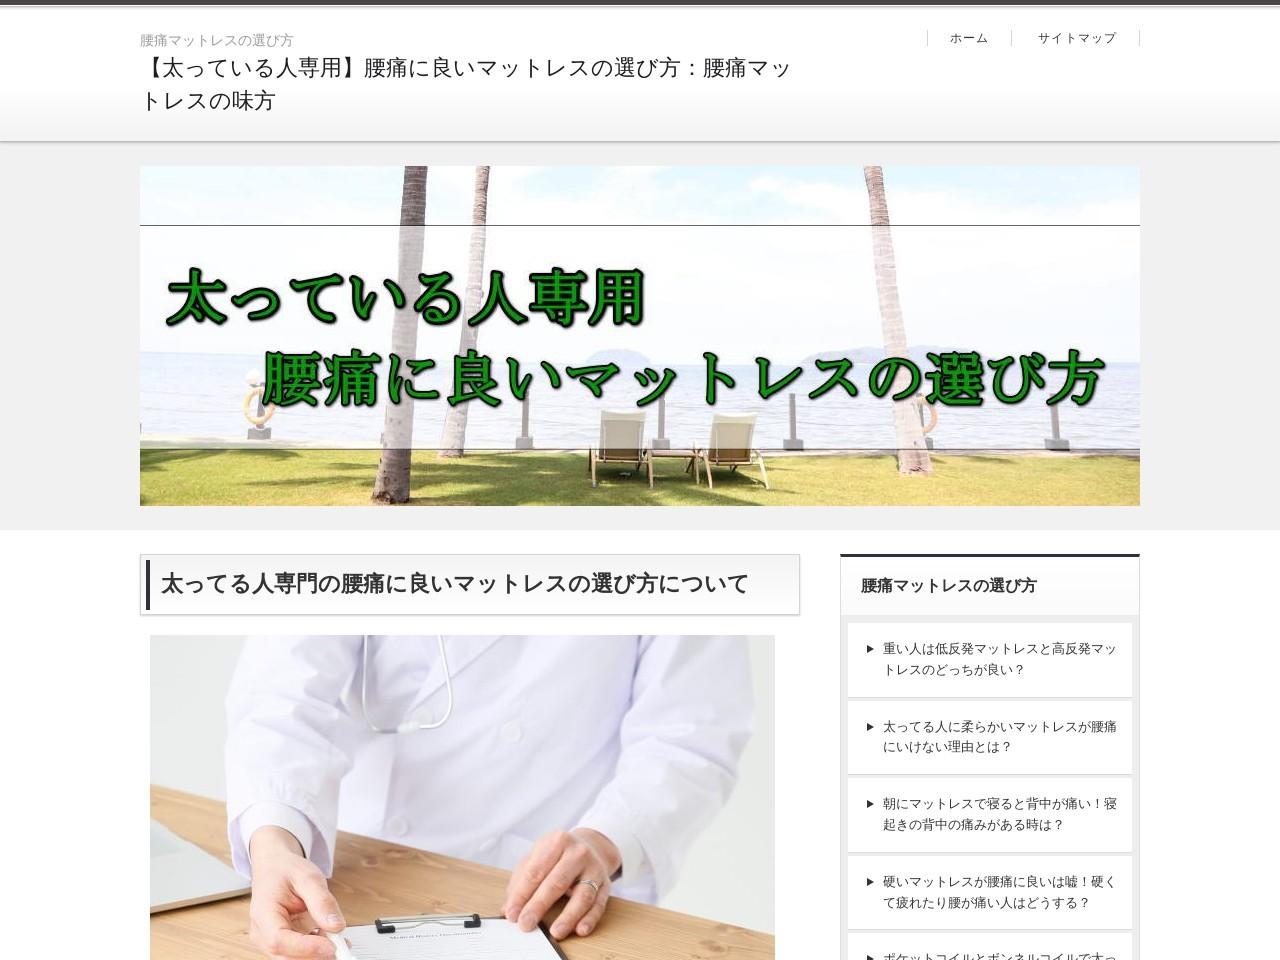 医療法人まどか  鳥取八丁目歯科診療所 (北海道釧路市)